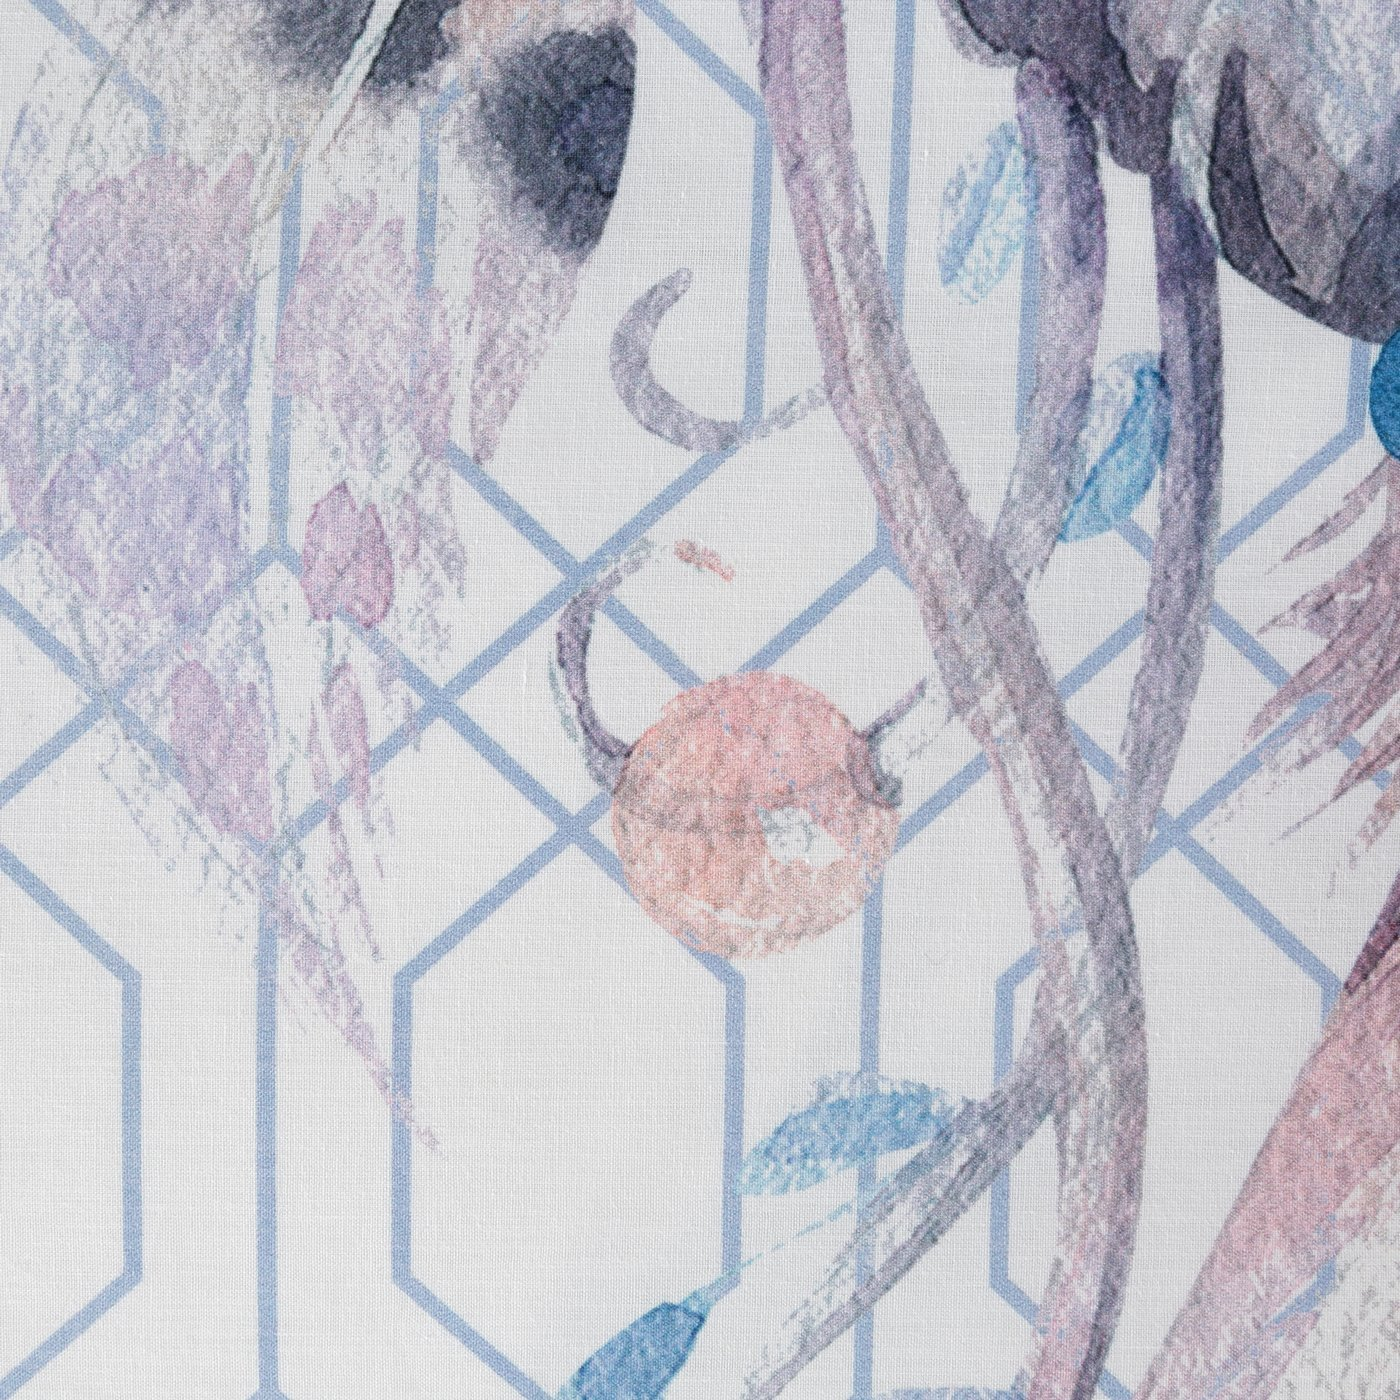 Komplet pościeli bawełnianej 220 x 200, 2 szt. 70 x 80 łapacz snów hiszpańska bawełna